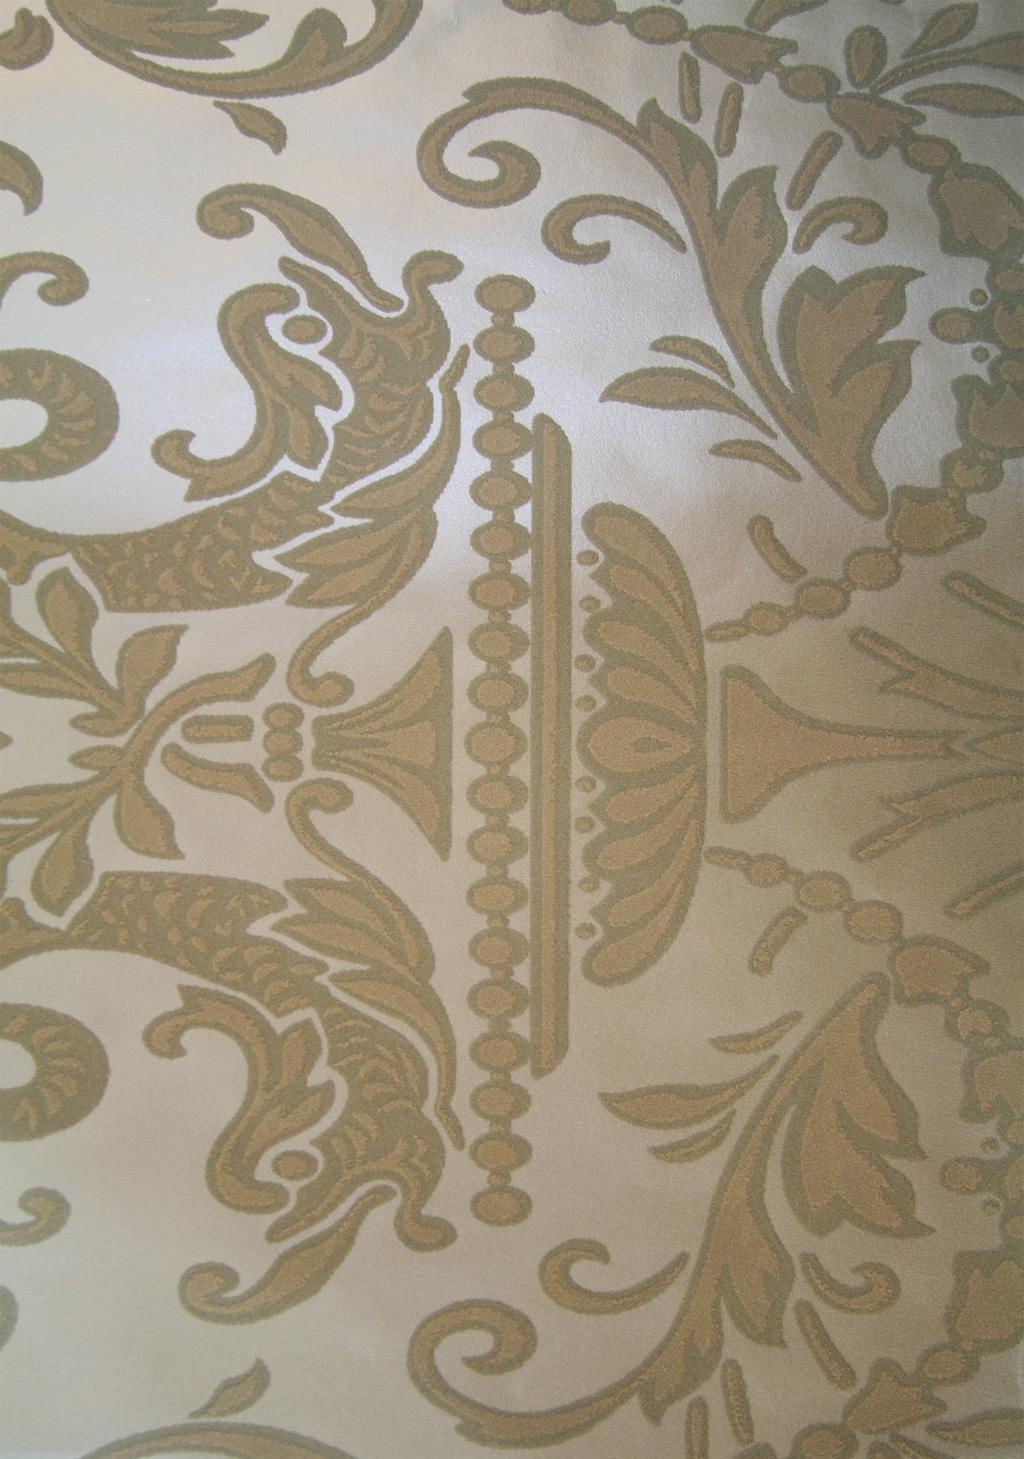 豪美迪壁纸欧式系列-5546155461